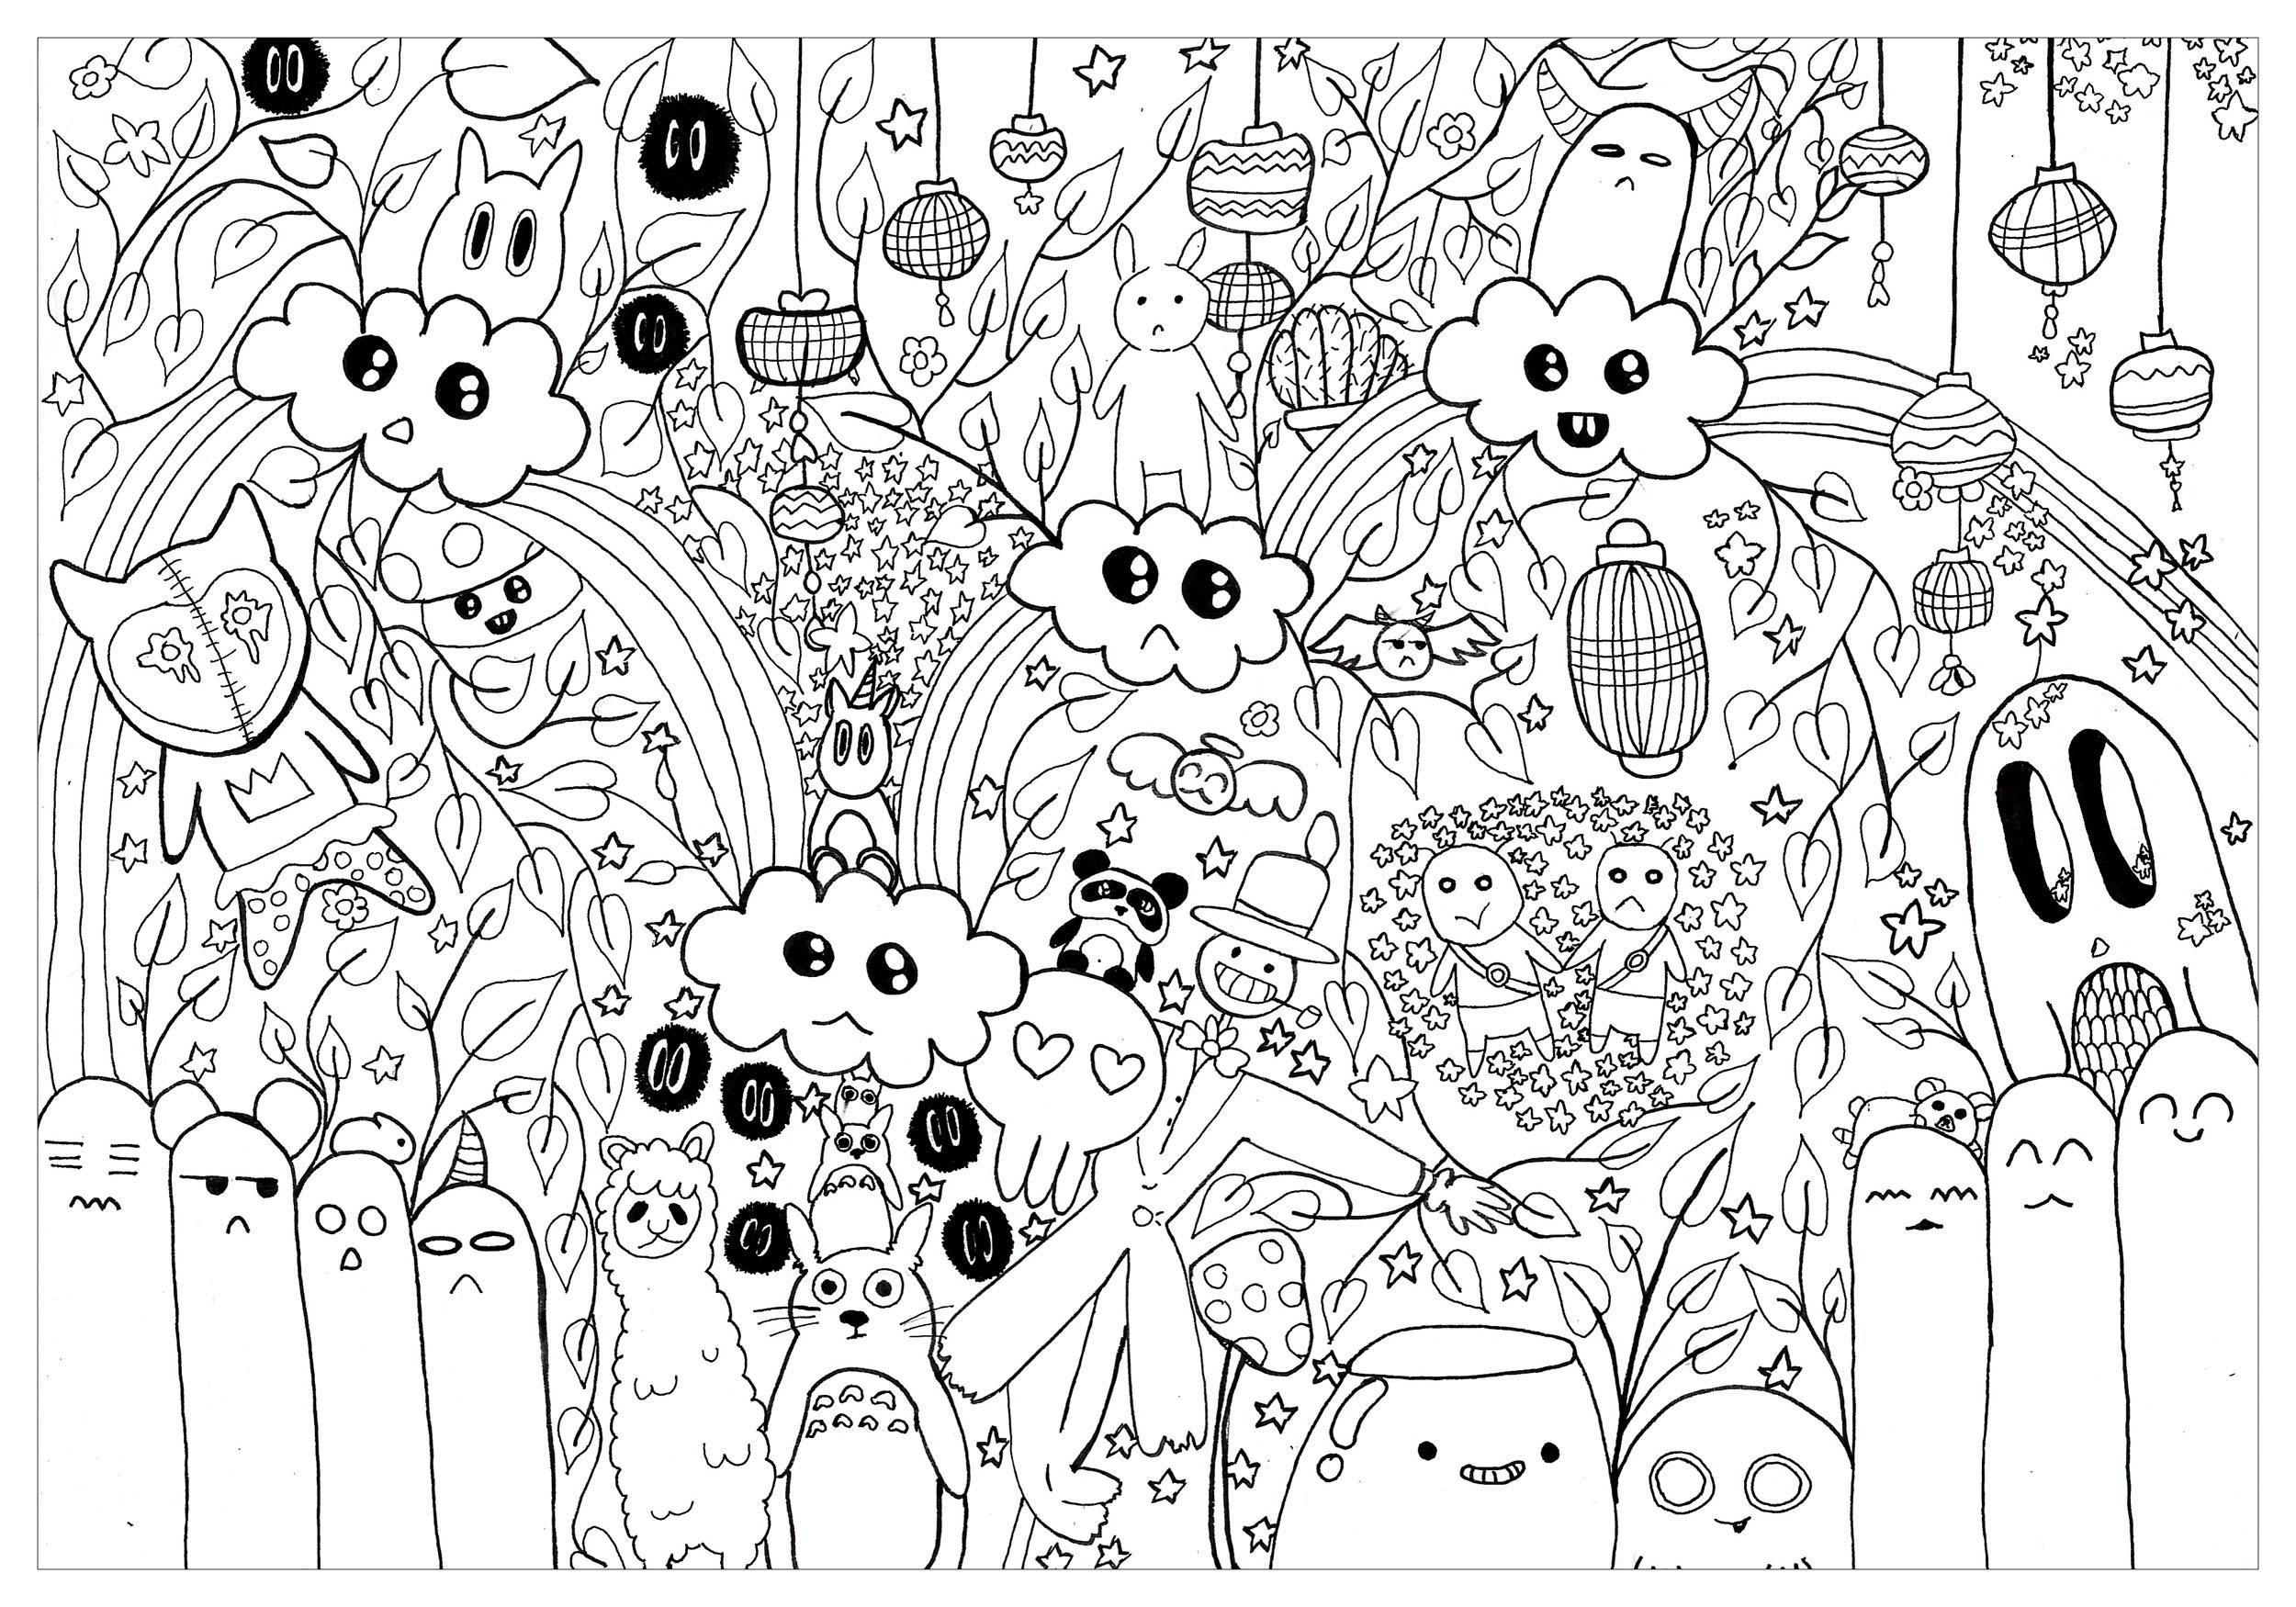 Doodle art doodling 21672 - Doodle art / Doodling - Colorear para ...